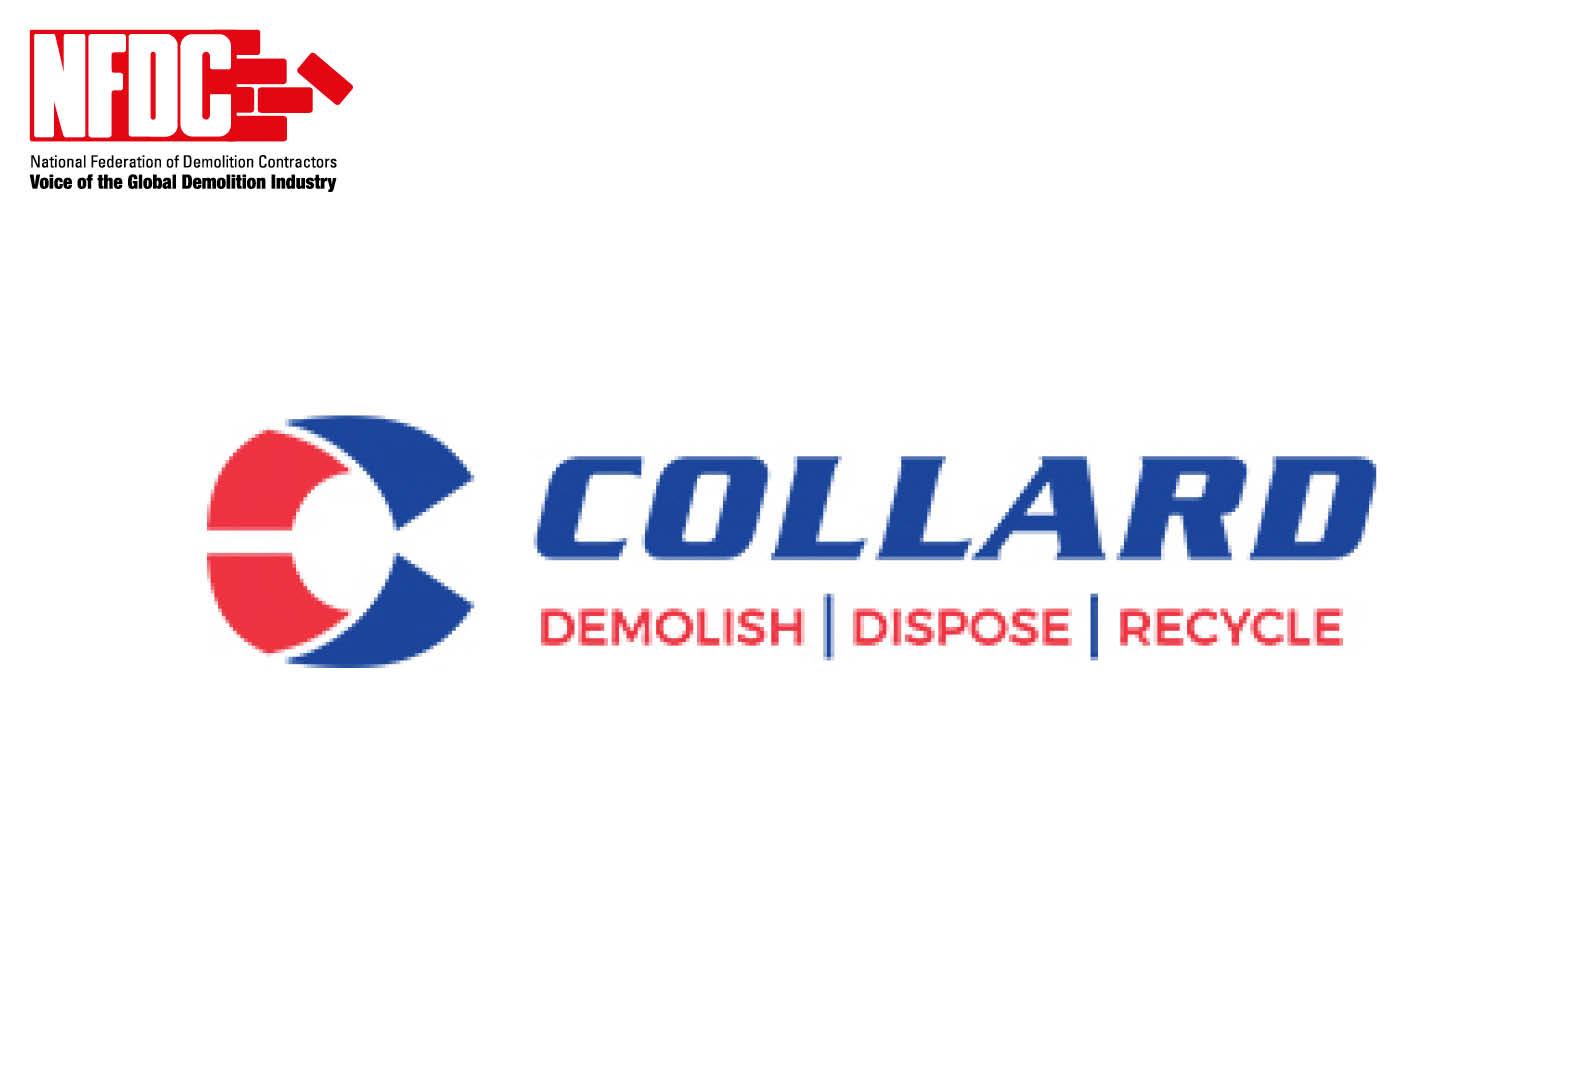 R Collard